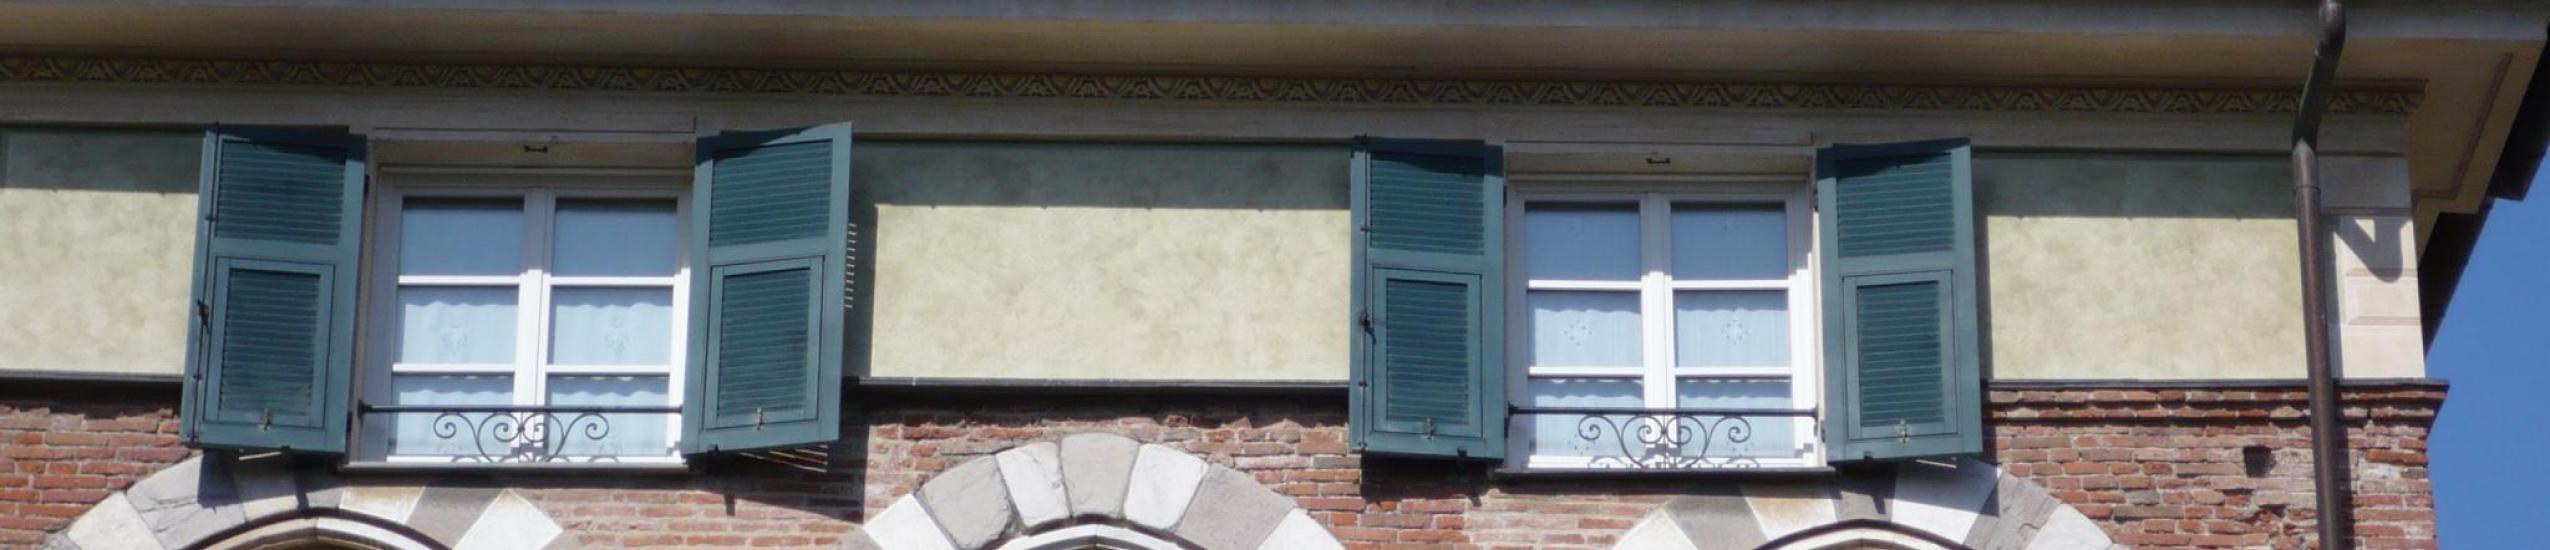 Palazzo dei Portici Neri